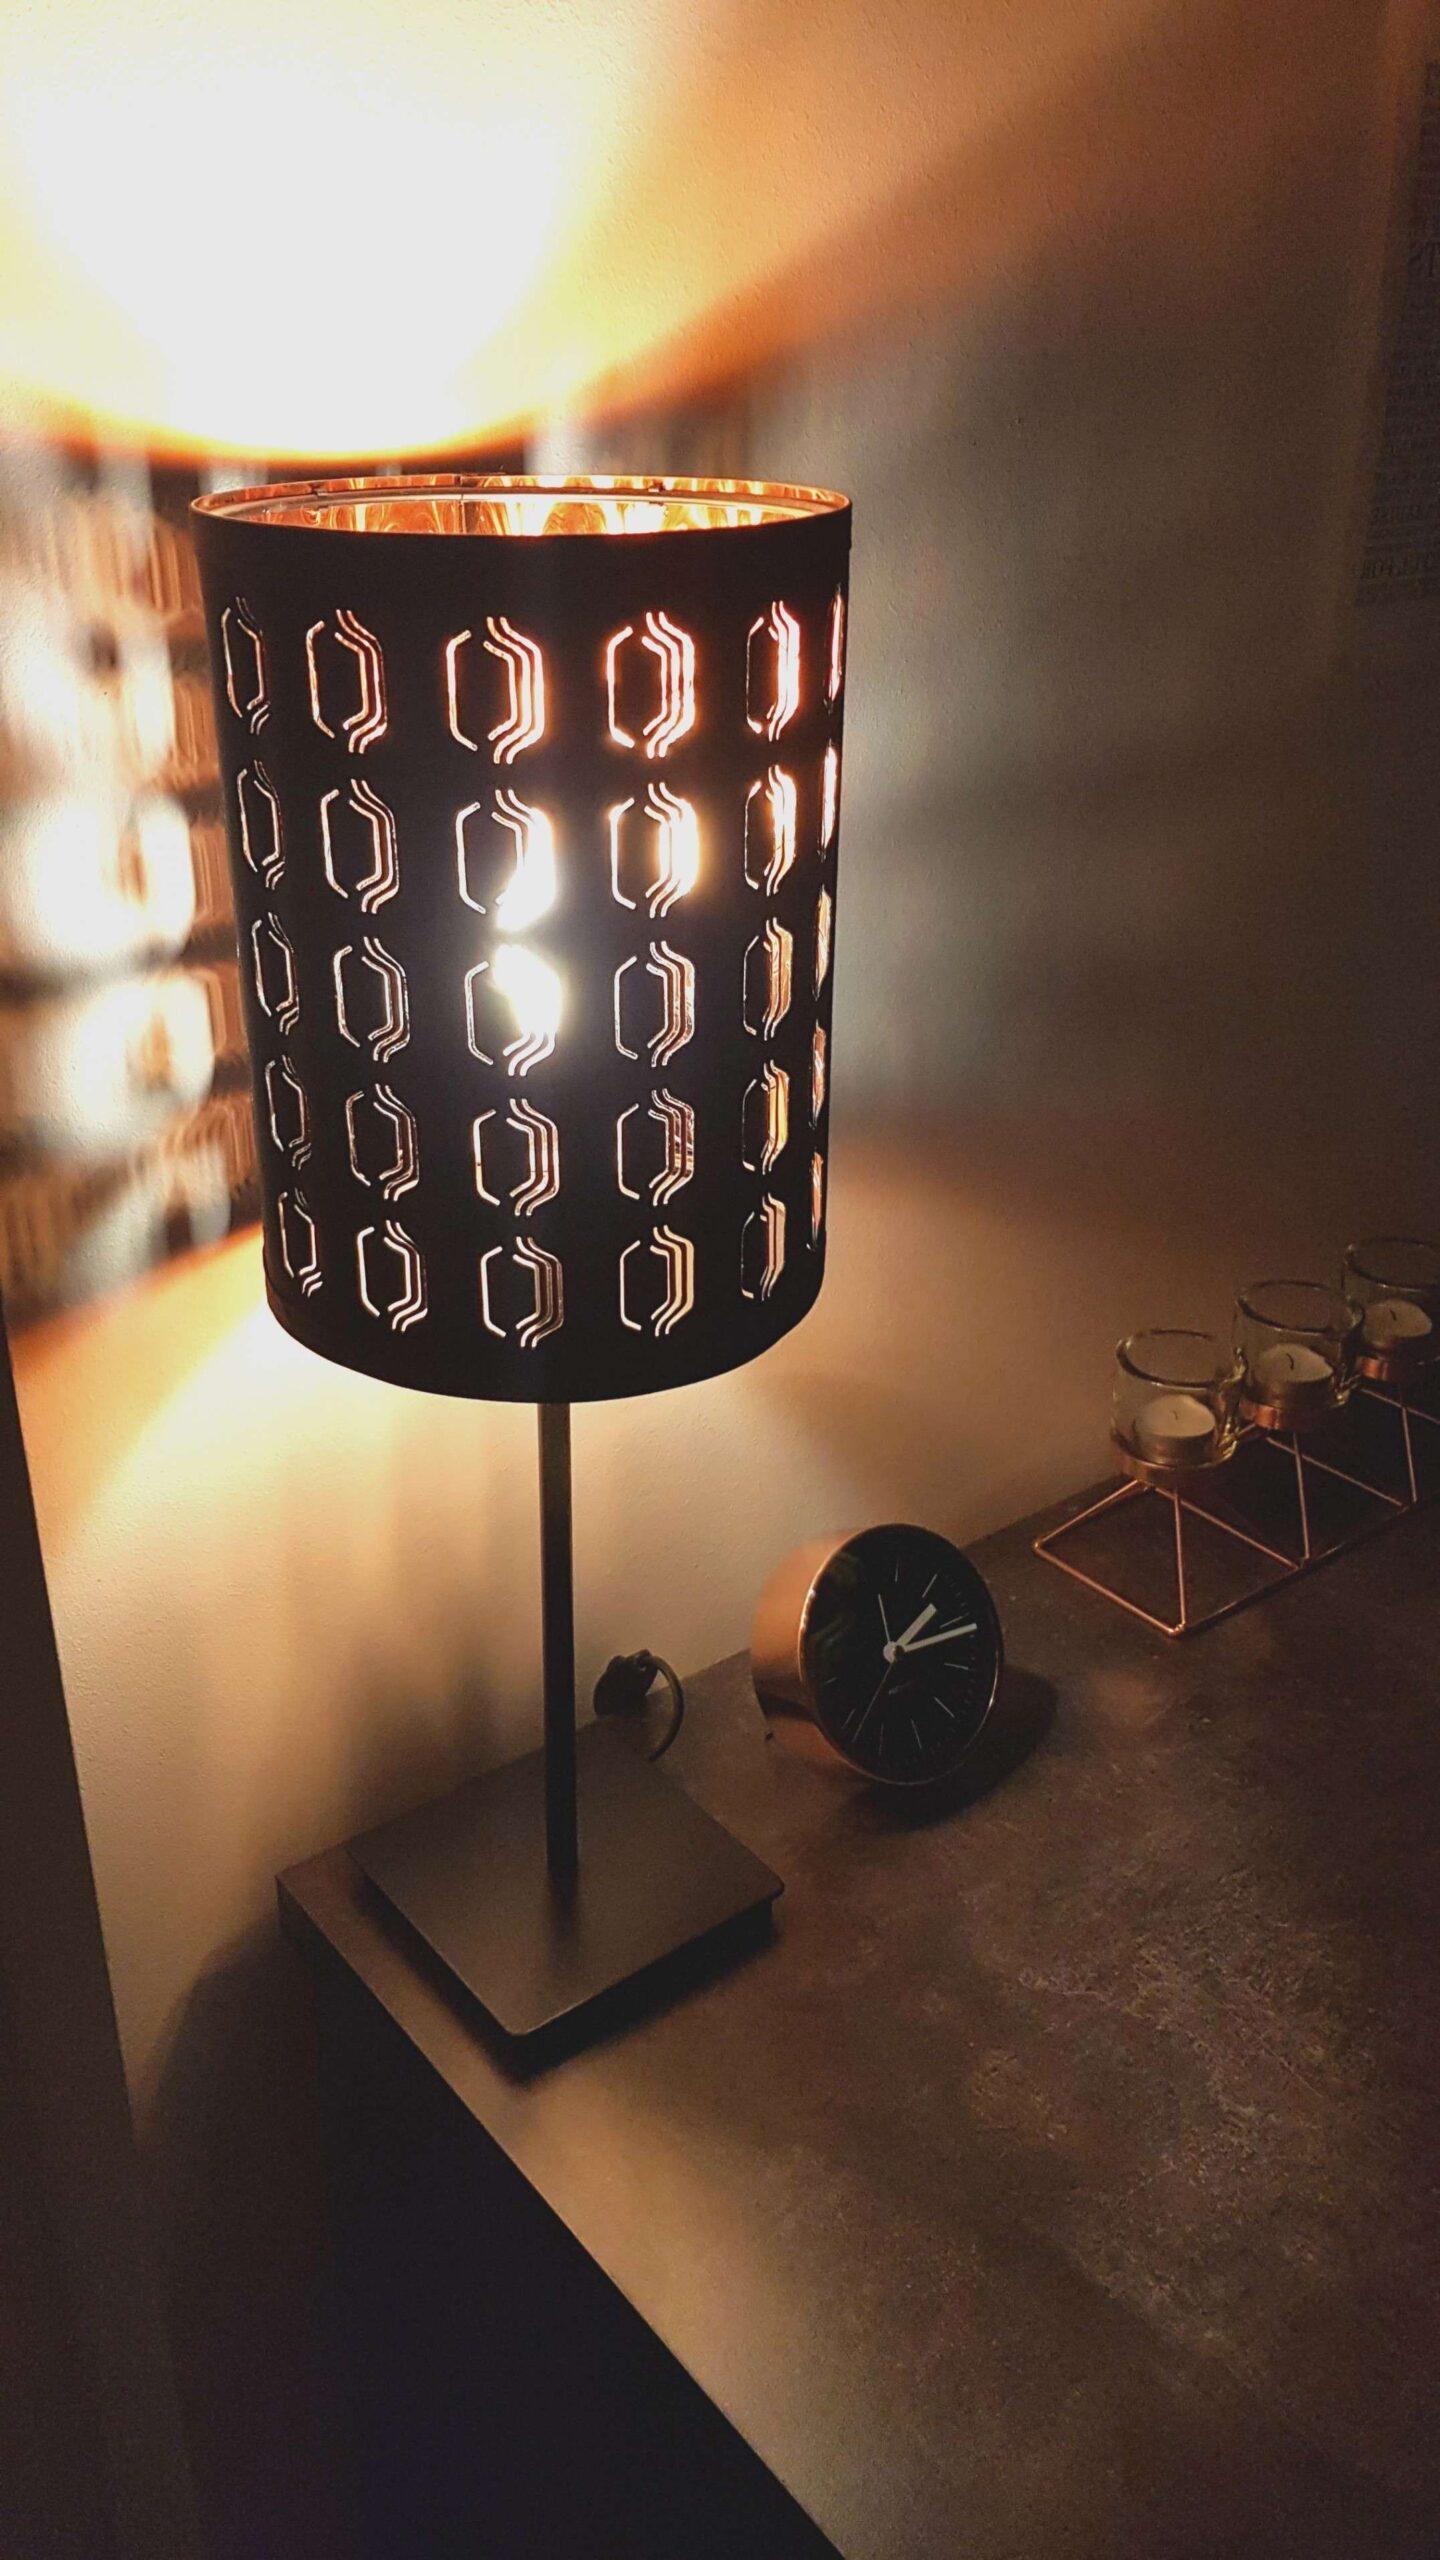 Full Size of Ikea Wohnzimmer Lampe Lampenschirm Lampen Leuchten Stehlampe Inspirierend 32 Bad Moderne Deckenleuchte Hängeschrank Weiß Hochglanz Vitrine Tapeten Ideen Wohnzimmer Ikea Wohnzimmer Lampe